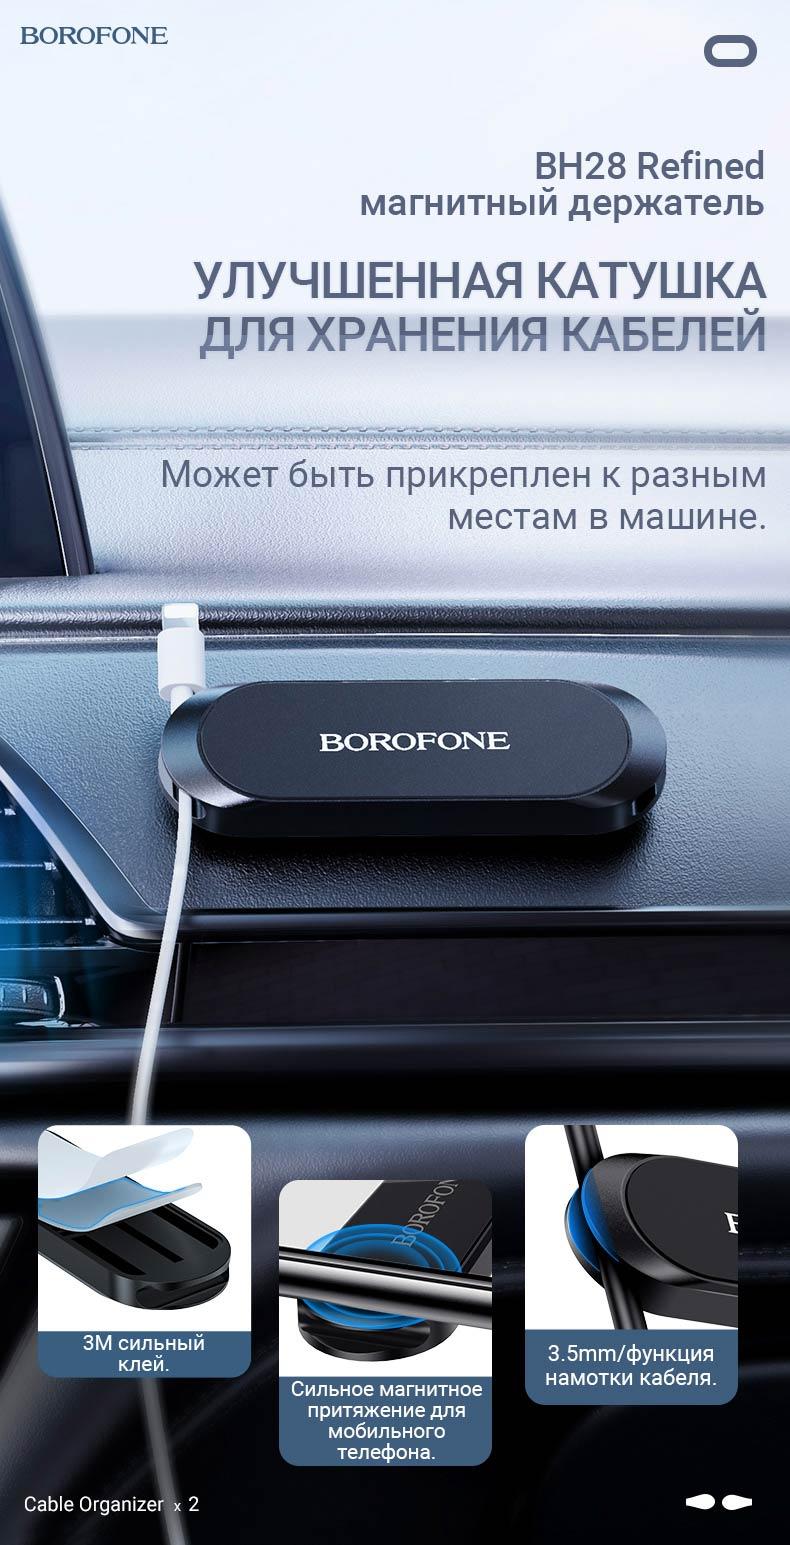 borofone новости bh28 refined магнитный держатель катушка ru